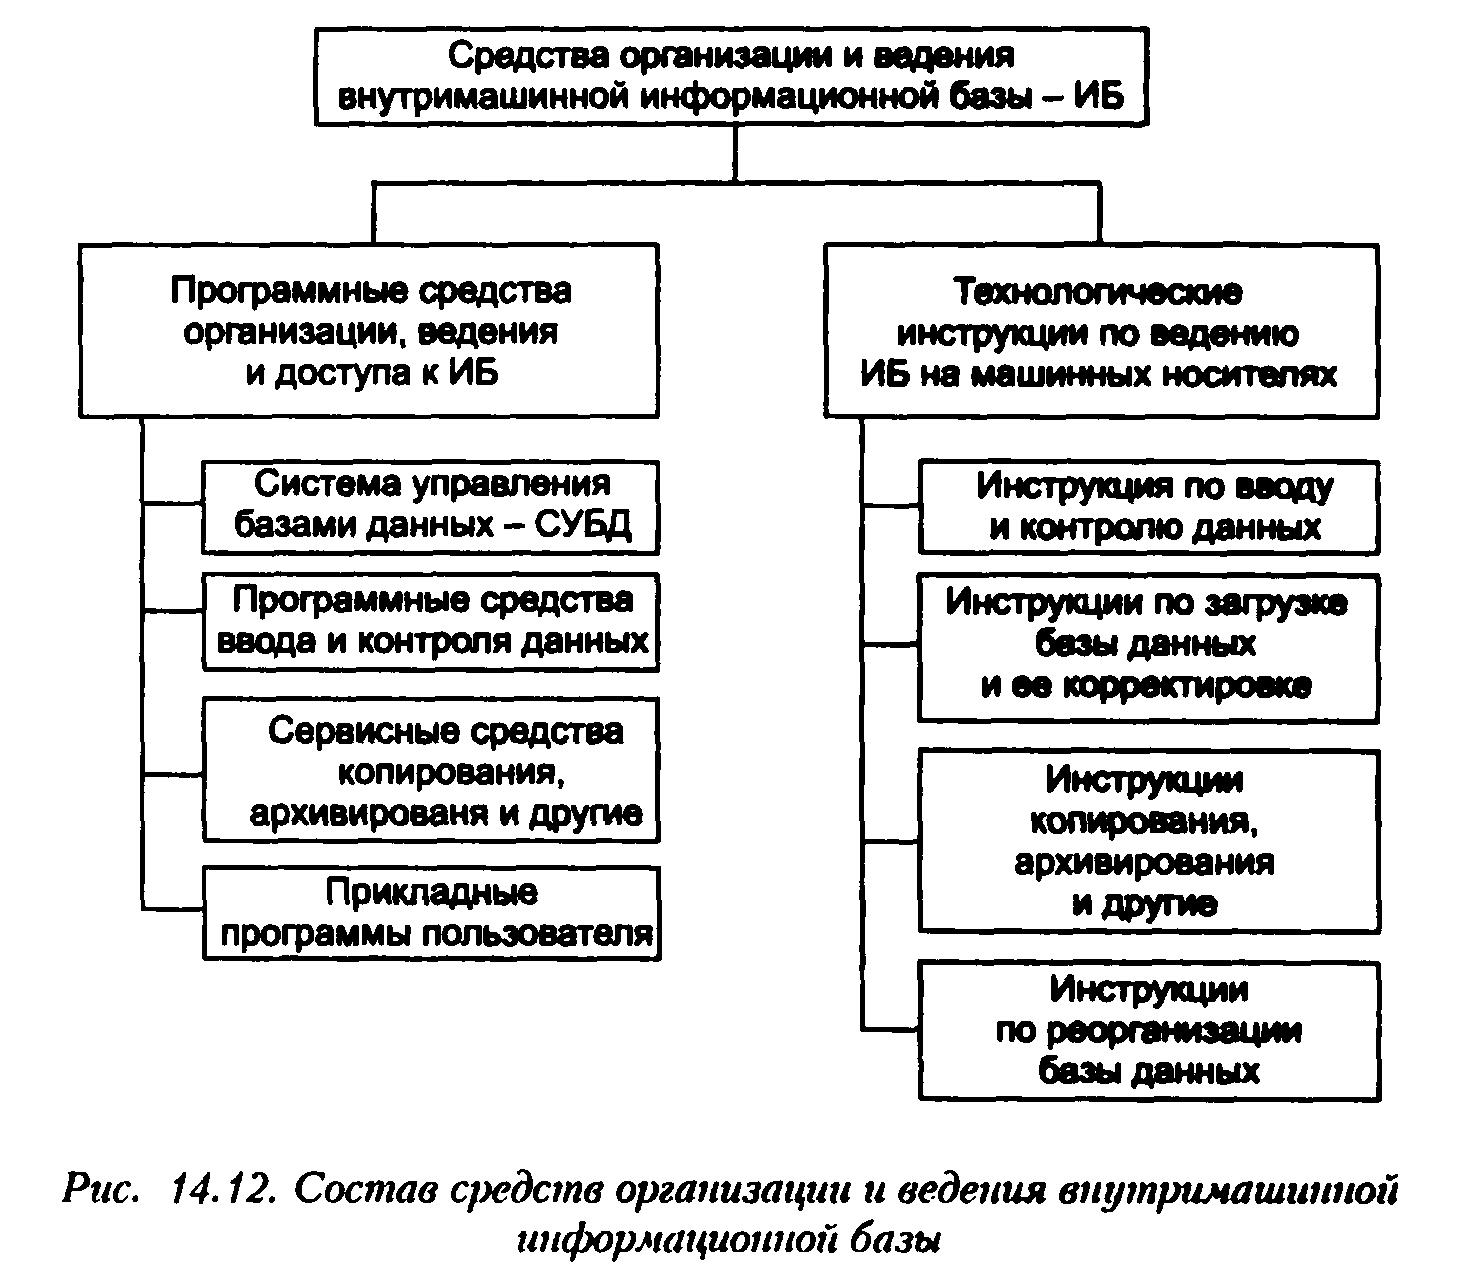 информационная база данных организации